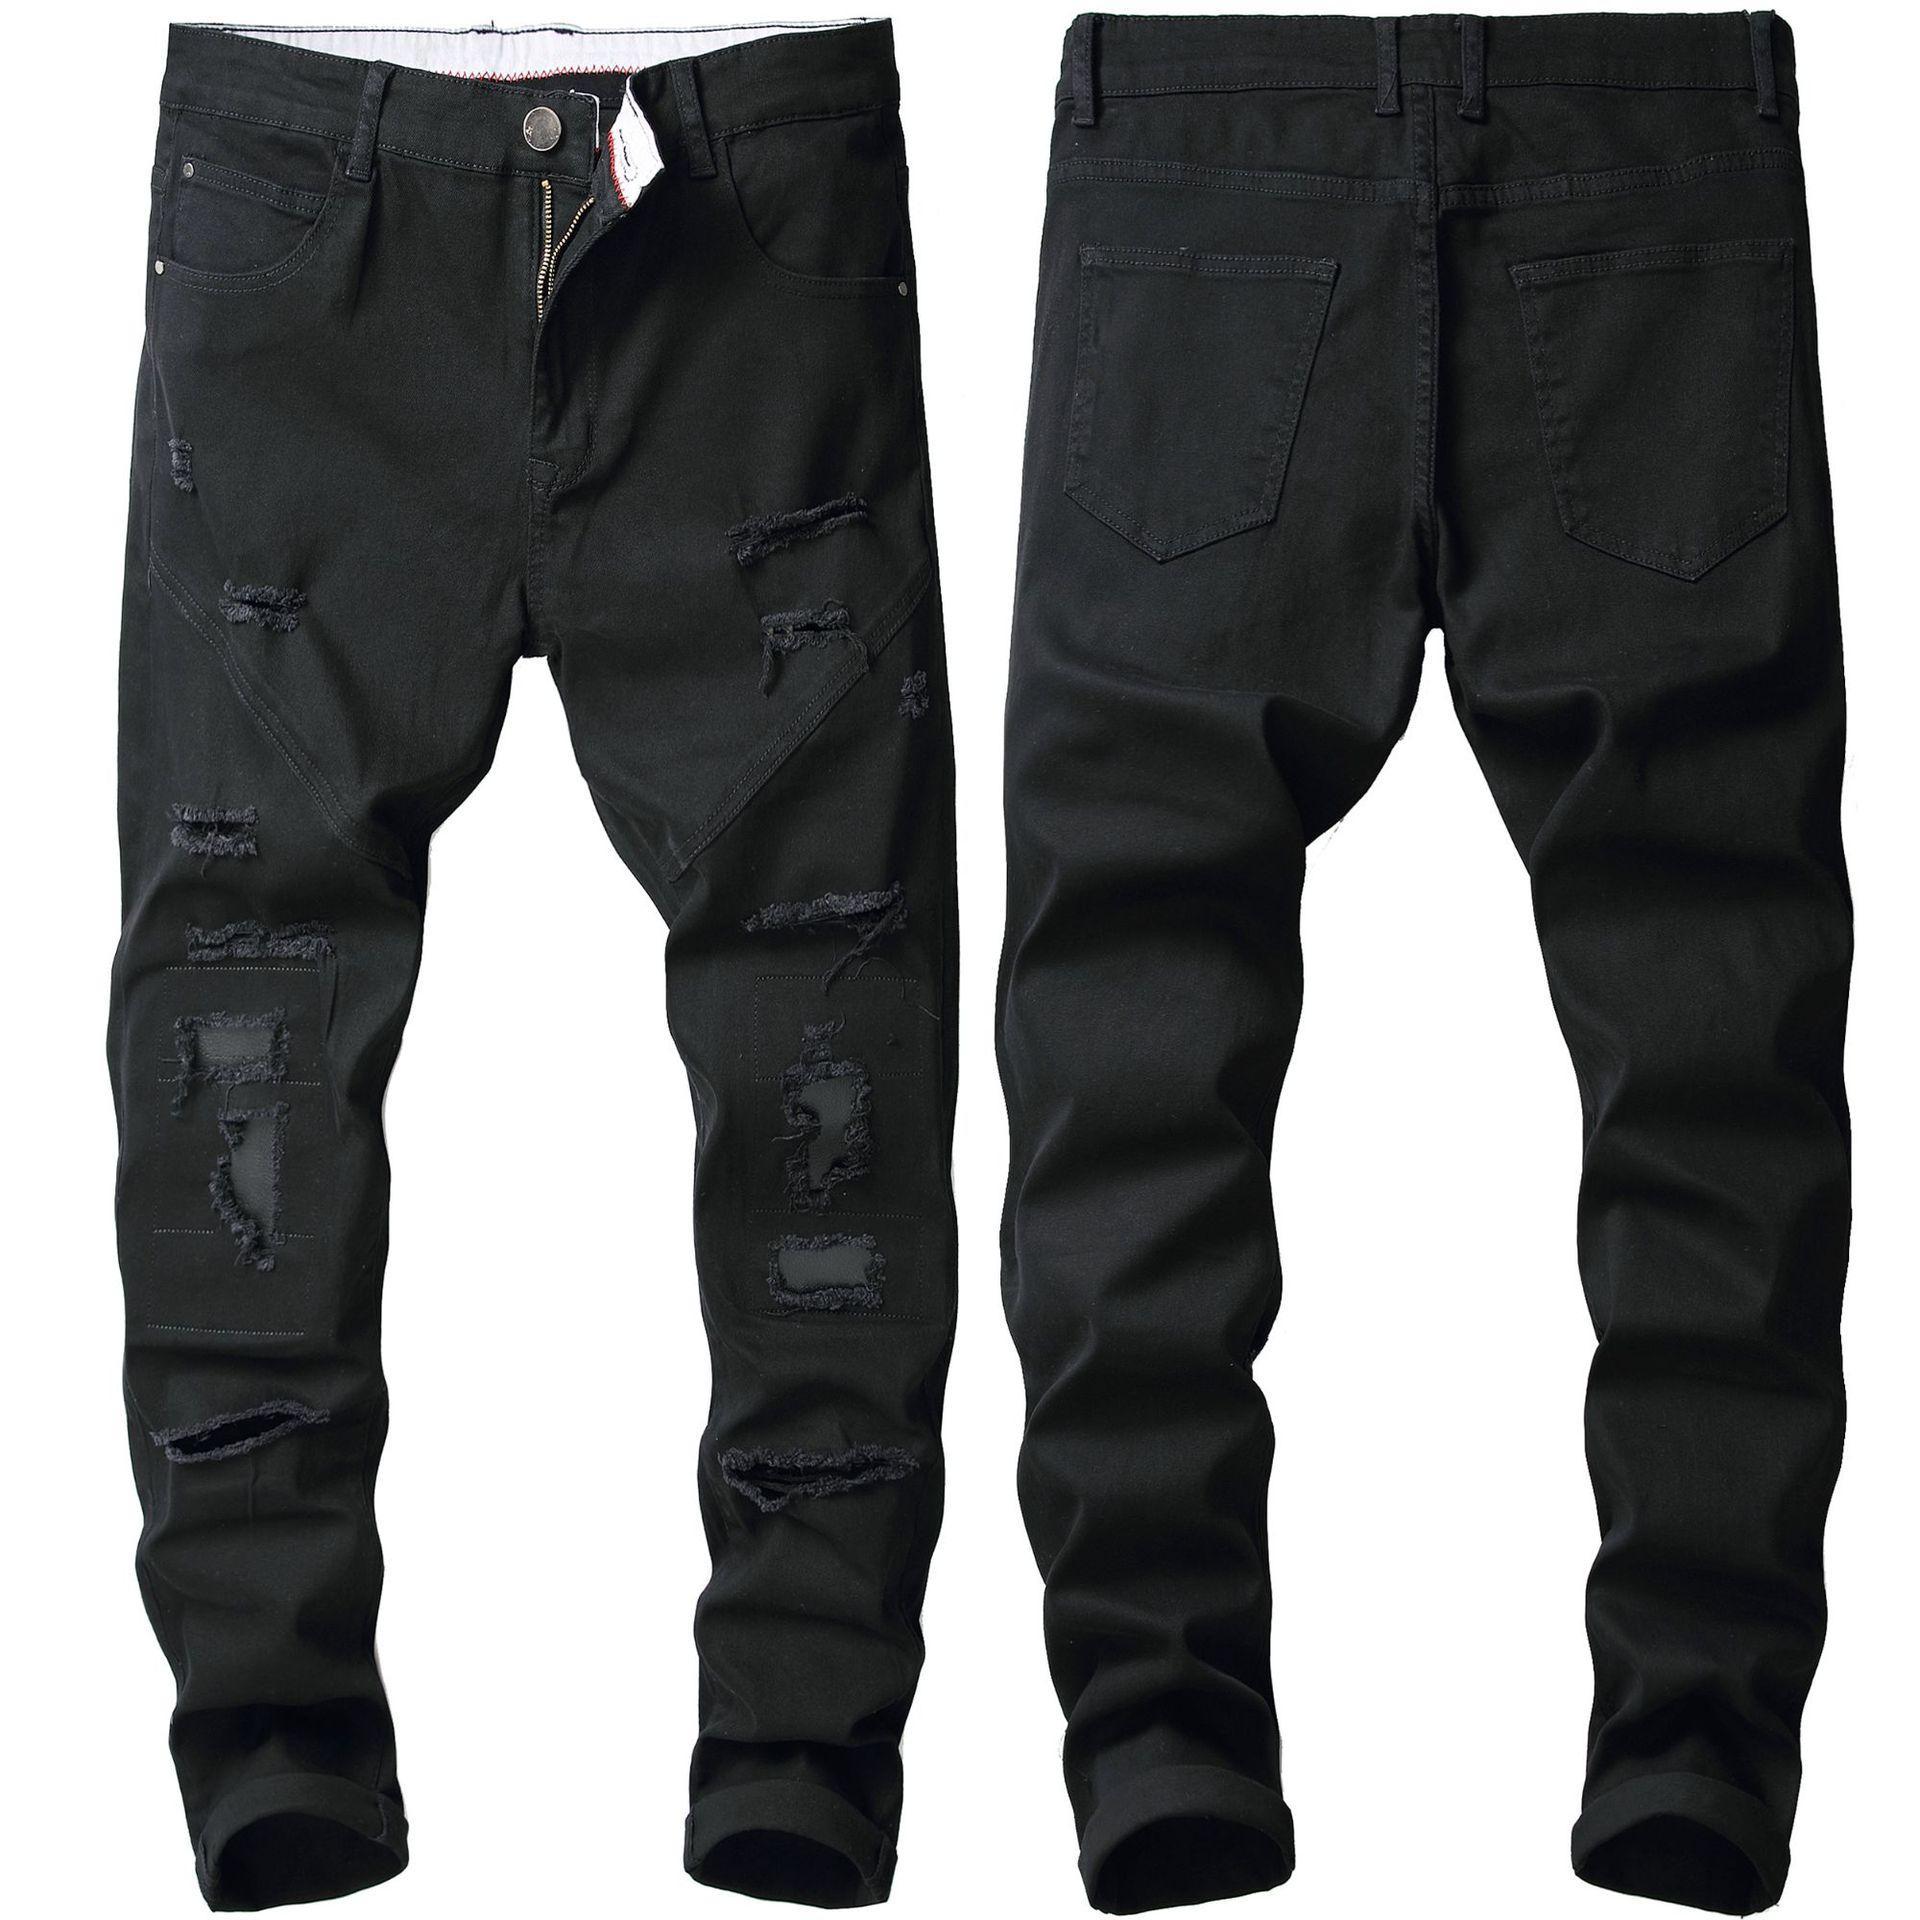 Sıska Erkek Siyah Kot Serin Erkekler Kot Streç Slim Fit Denim Biker Jeans Hip Hop Erkekler Streetwear 373 #